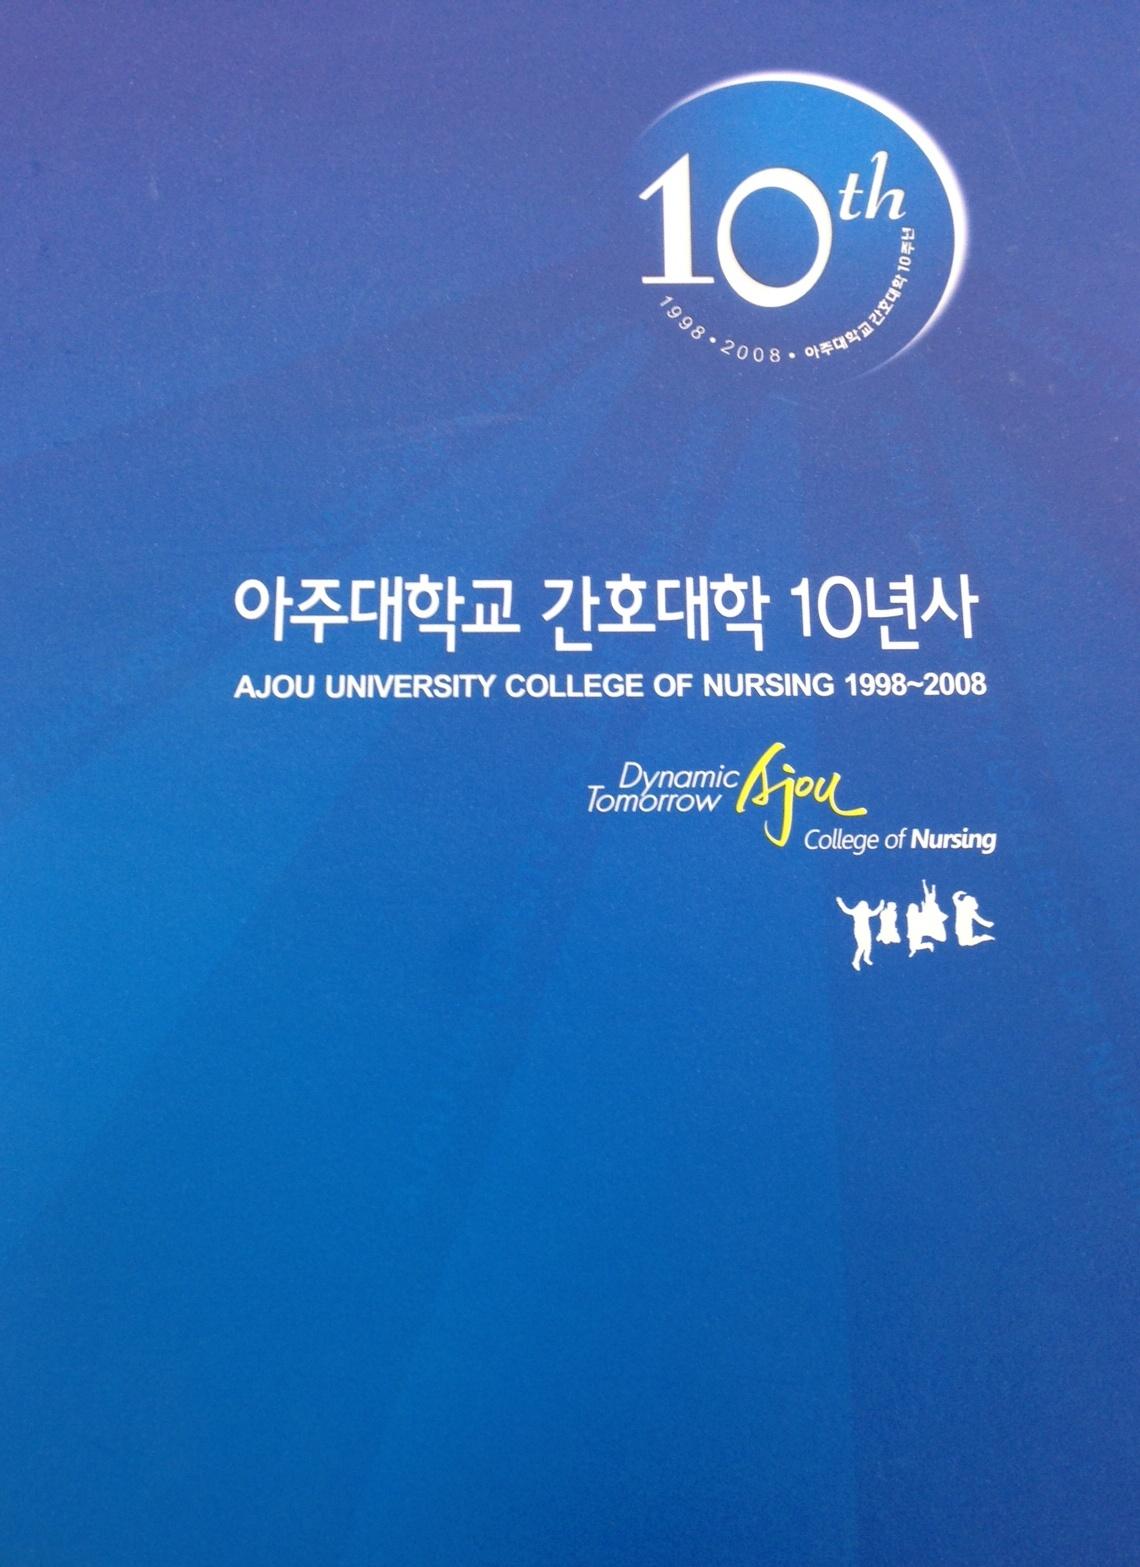 간호대학 10년사(1998-2008) 발간